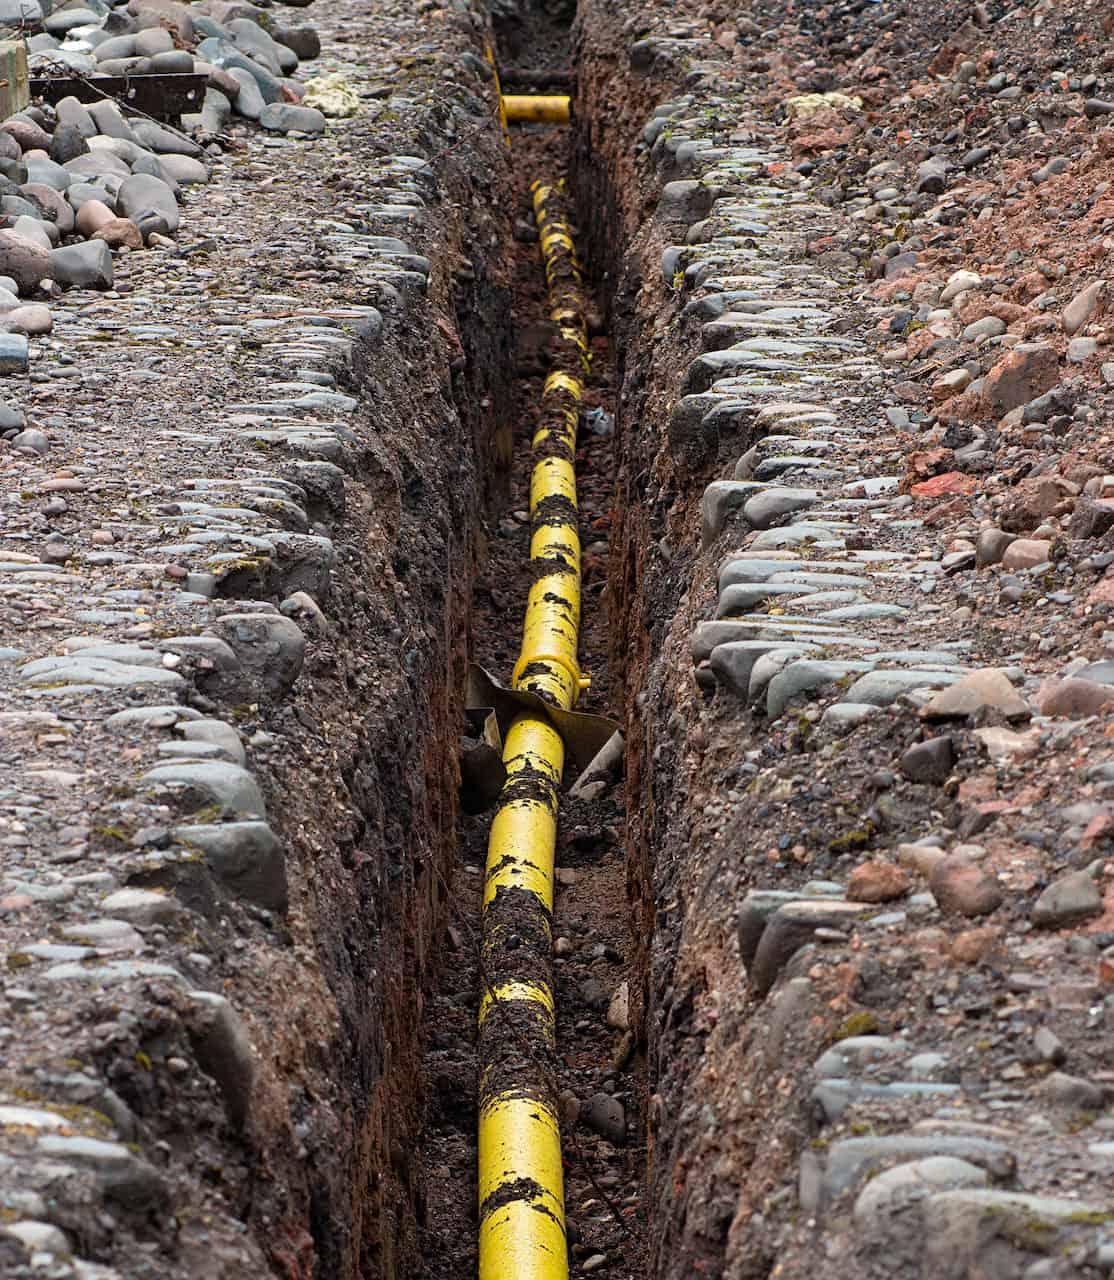 Yellow Gas Plex Pipe Underground